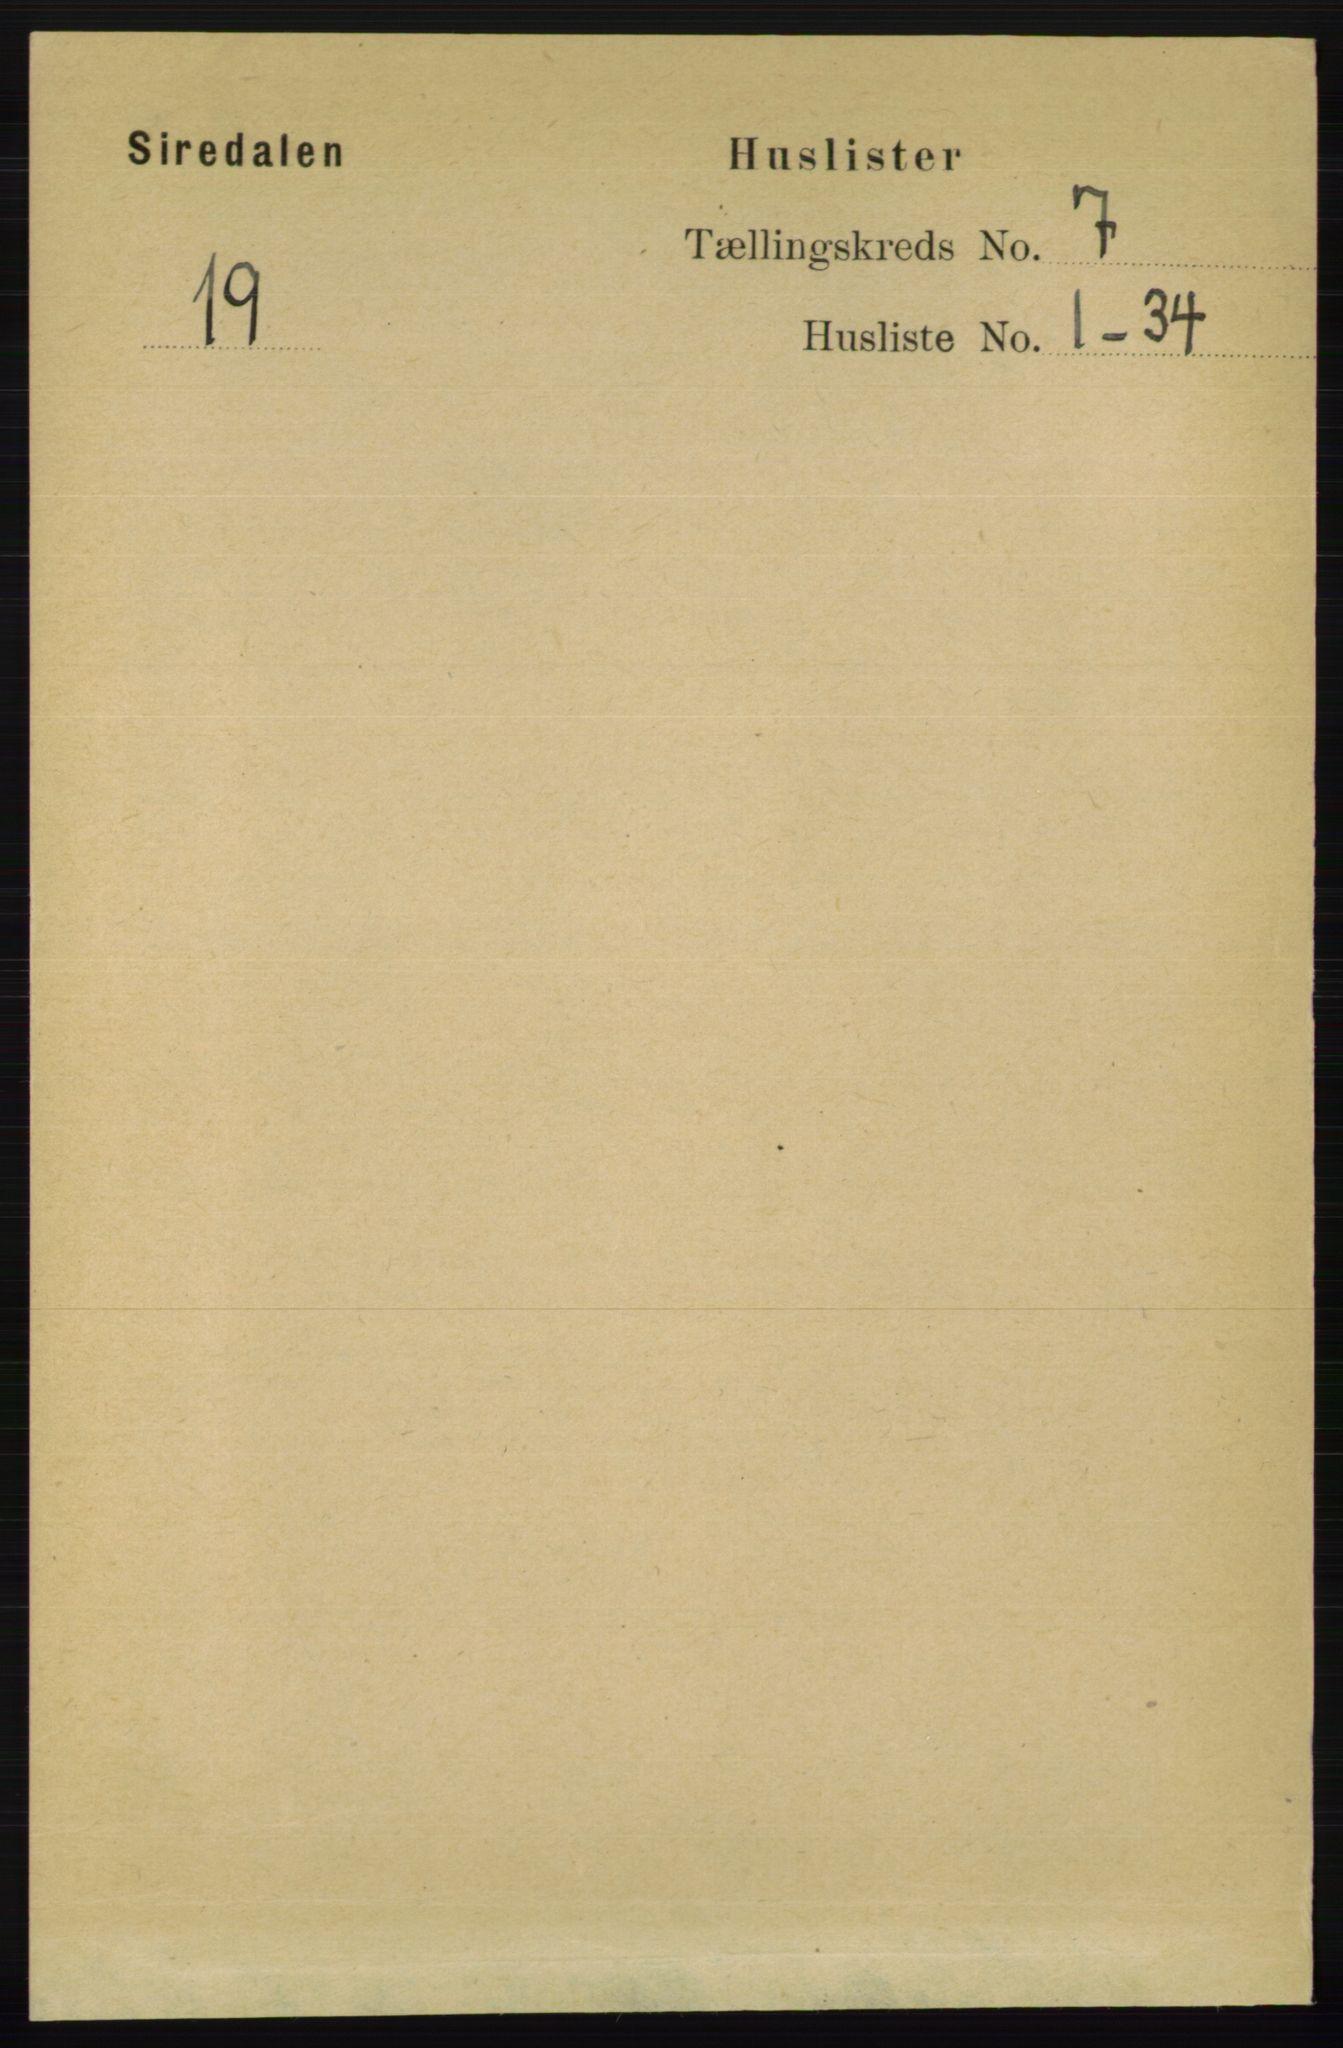 RA, Folketelling 1891 for 1046 Sirdal herred, 1891, s. 1916